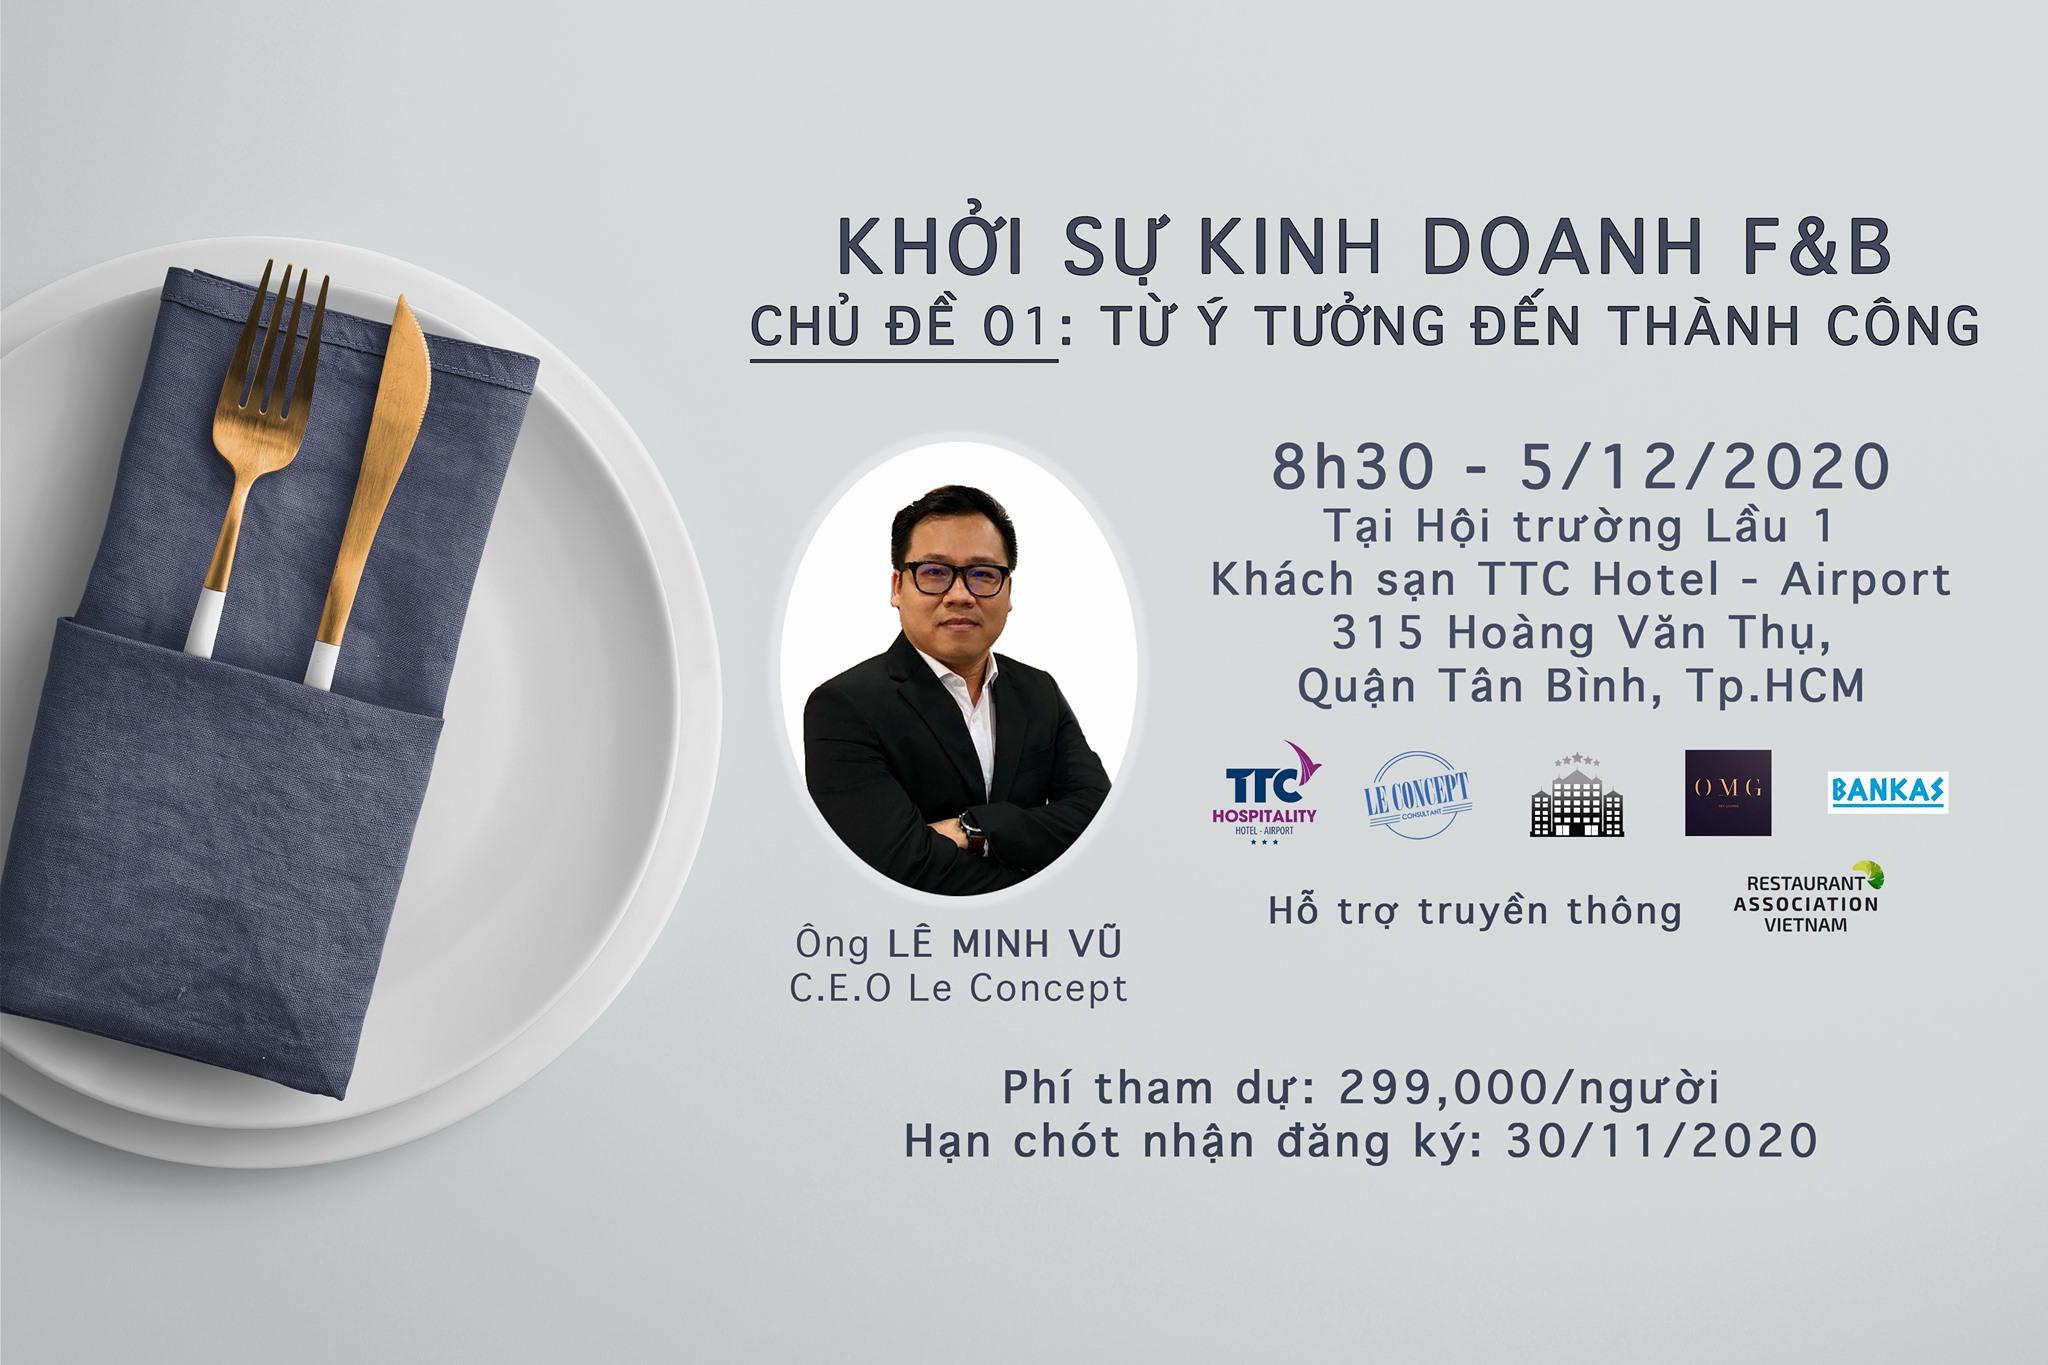 lak's coffee organic coffee cà phê sạch, cà phê nguyên chất WORKSHOP KHỞI SỰ KINH DOANH F&B   Chủ đề 01: Từ ý tưởng đến thành công